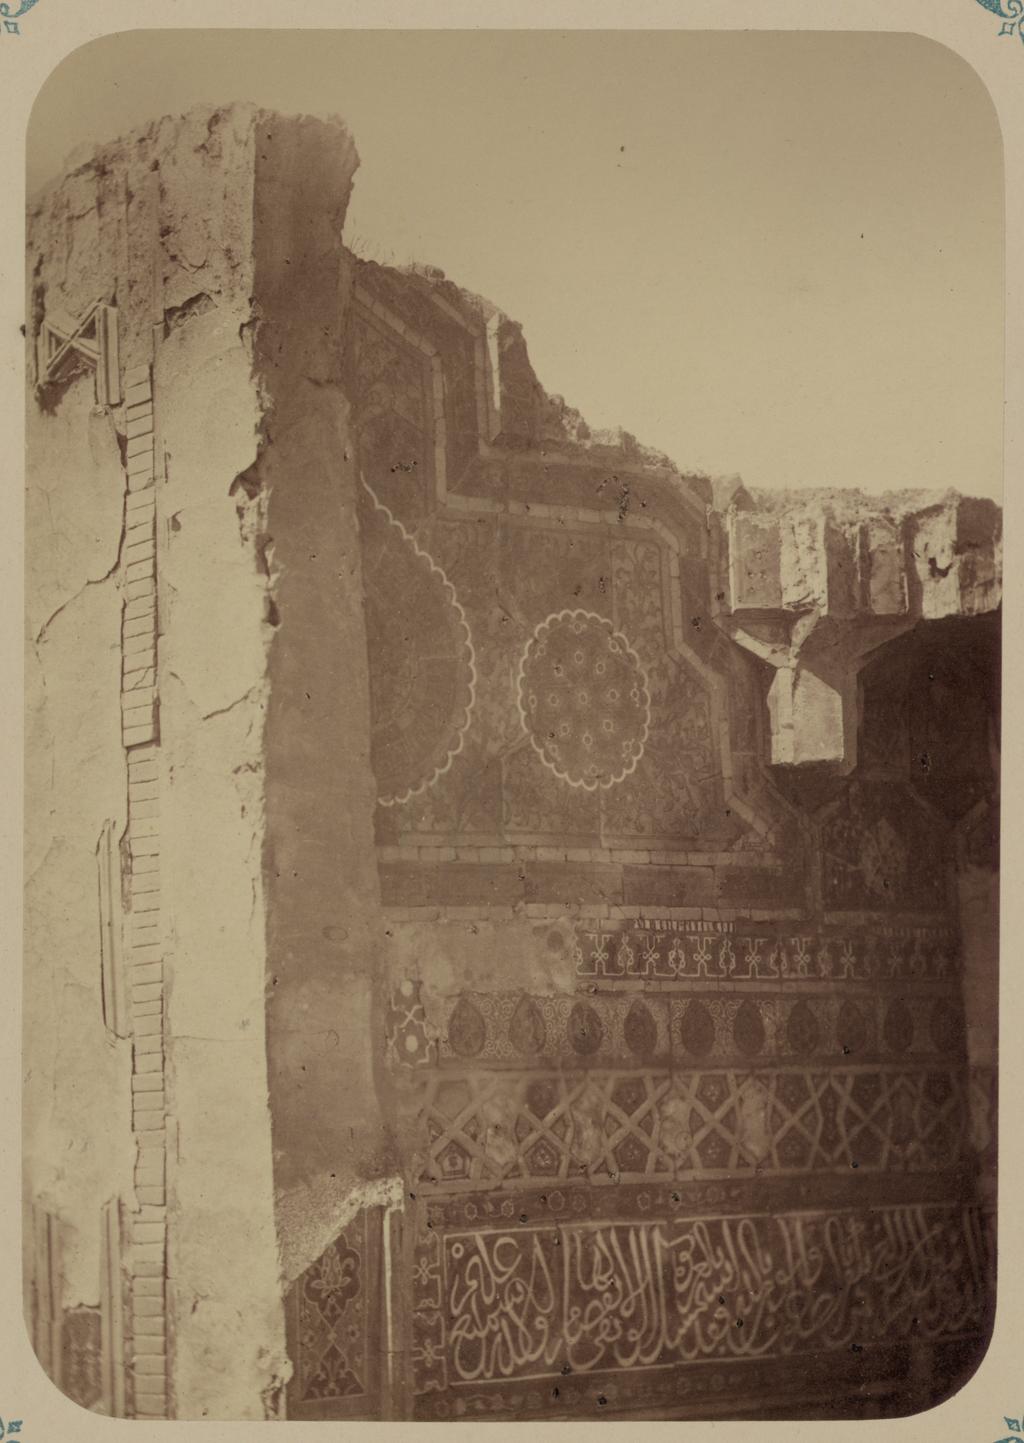 Мавзолей эмира Ассада. Изображение сохранившейся верхней части входной ниши